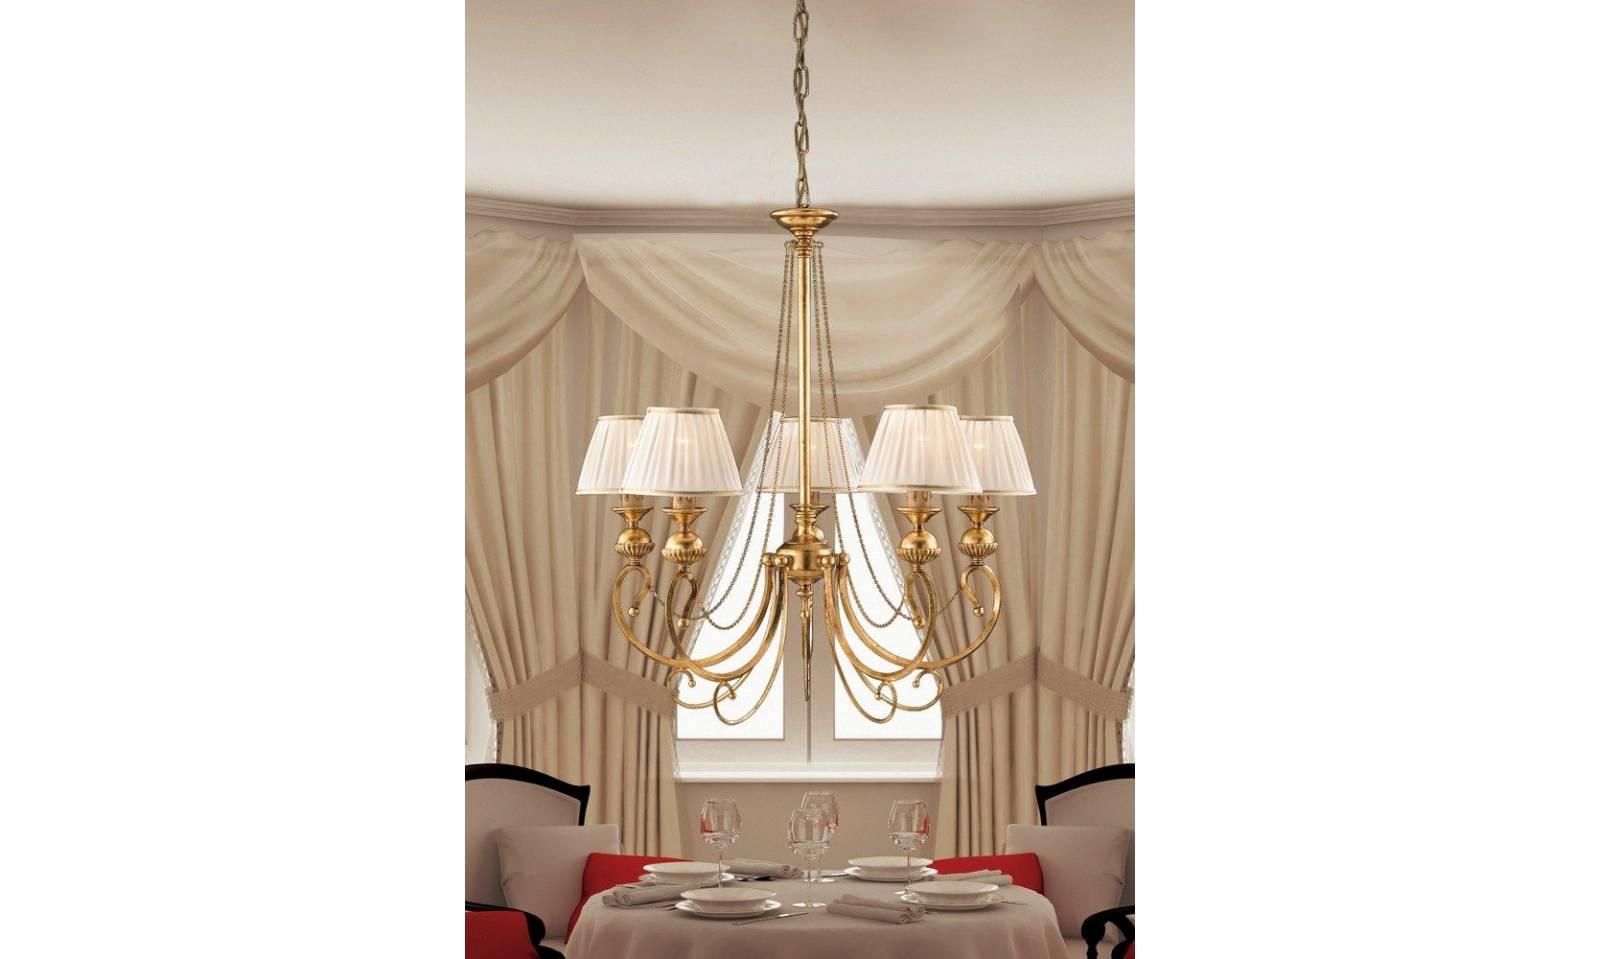 Sospensioni classiche sospensione classica e lampadari classici ...